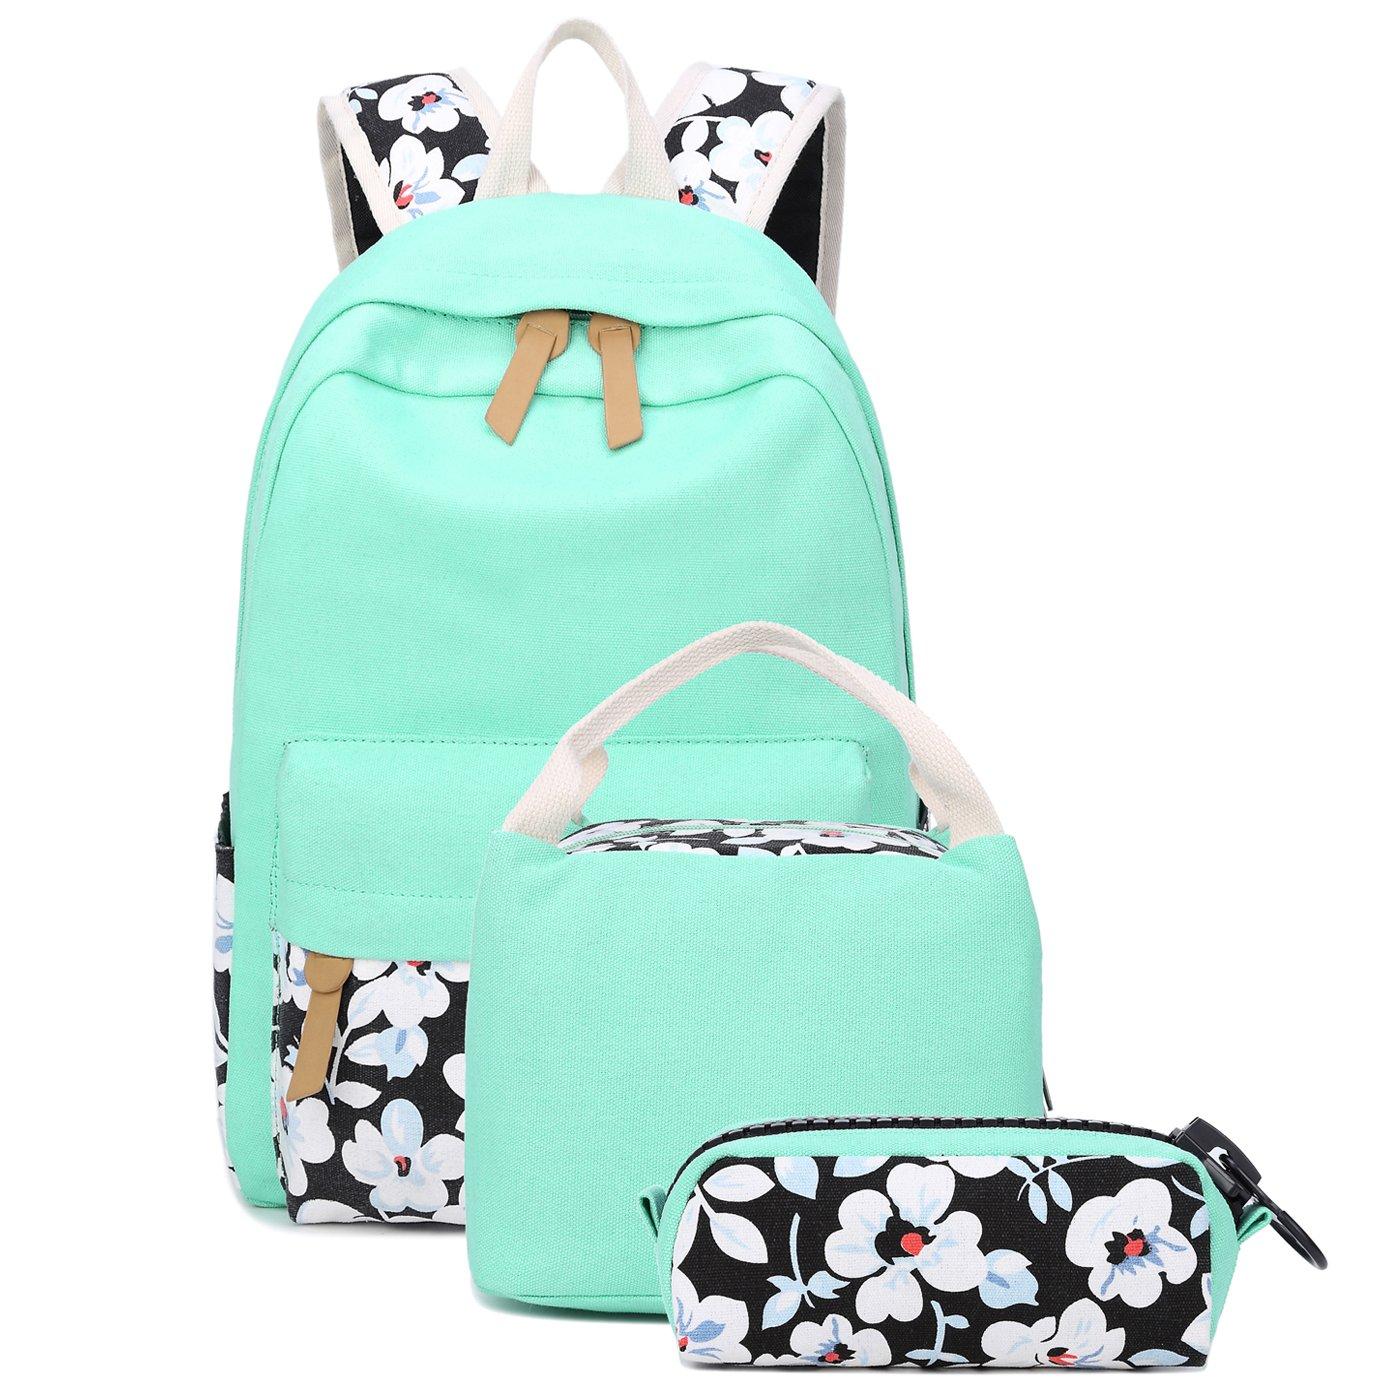 77b7d02b7d School Backpacks for Teen Girls Lightweight Canvas Backpack Bookbags Set  (Light Green-1)